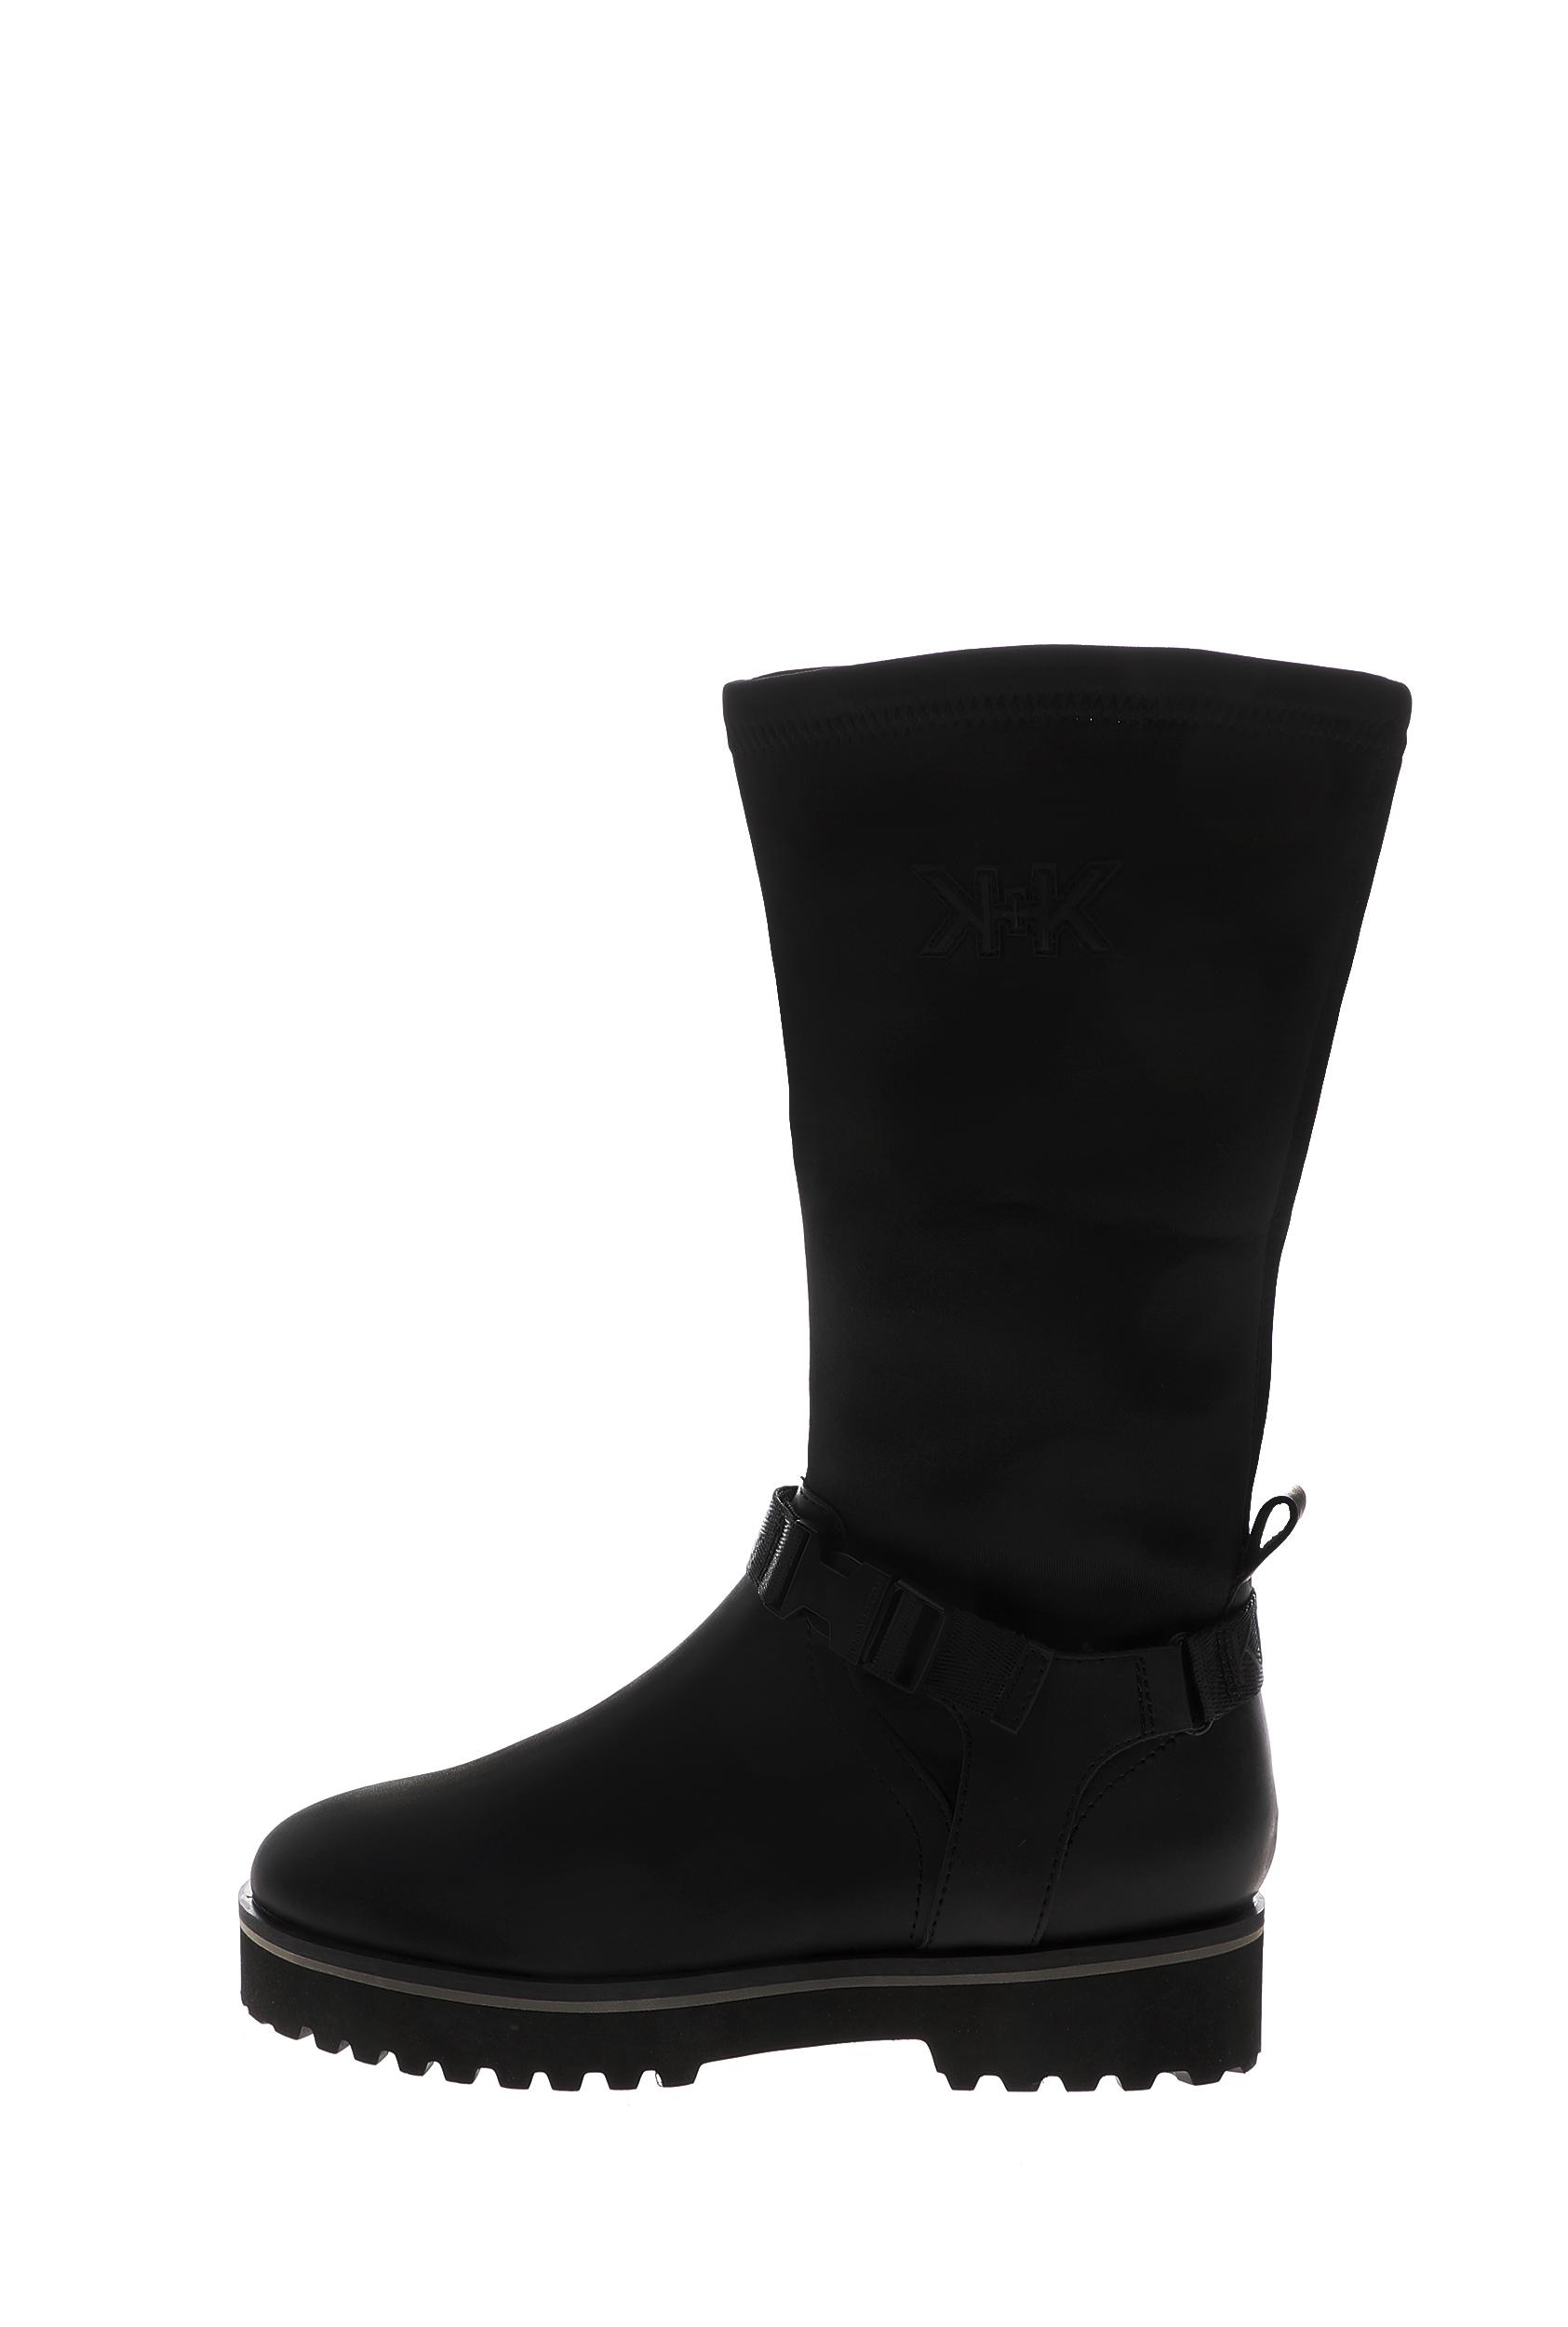 KENDALL+KYLIE – Γυναικείες μπότες KENDALL+KYLIE SHOES LUNA μαύρες